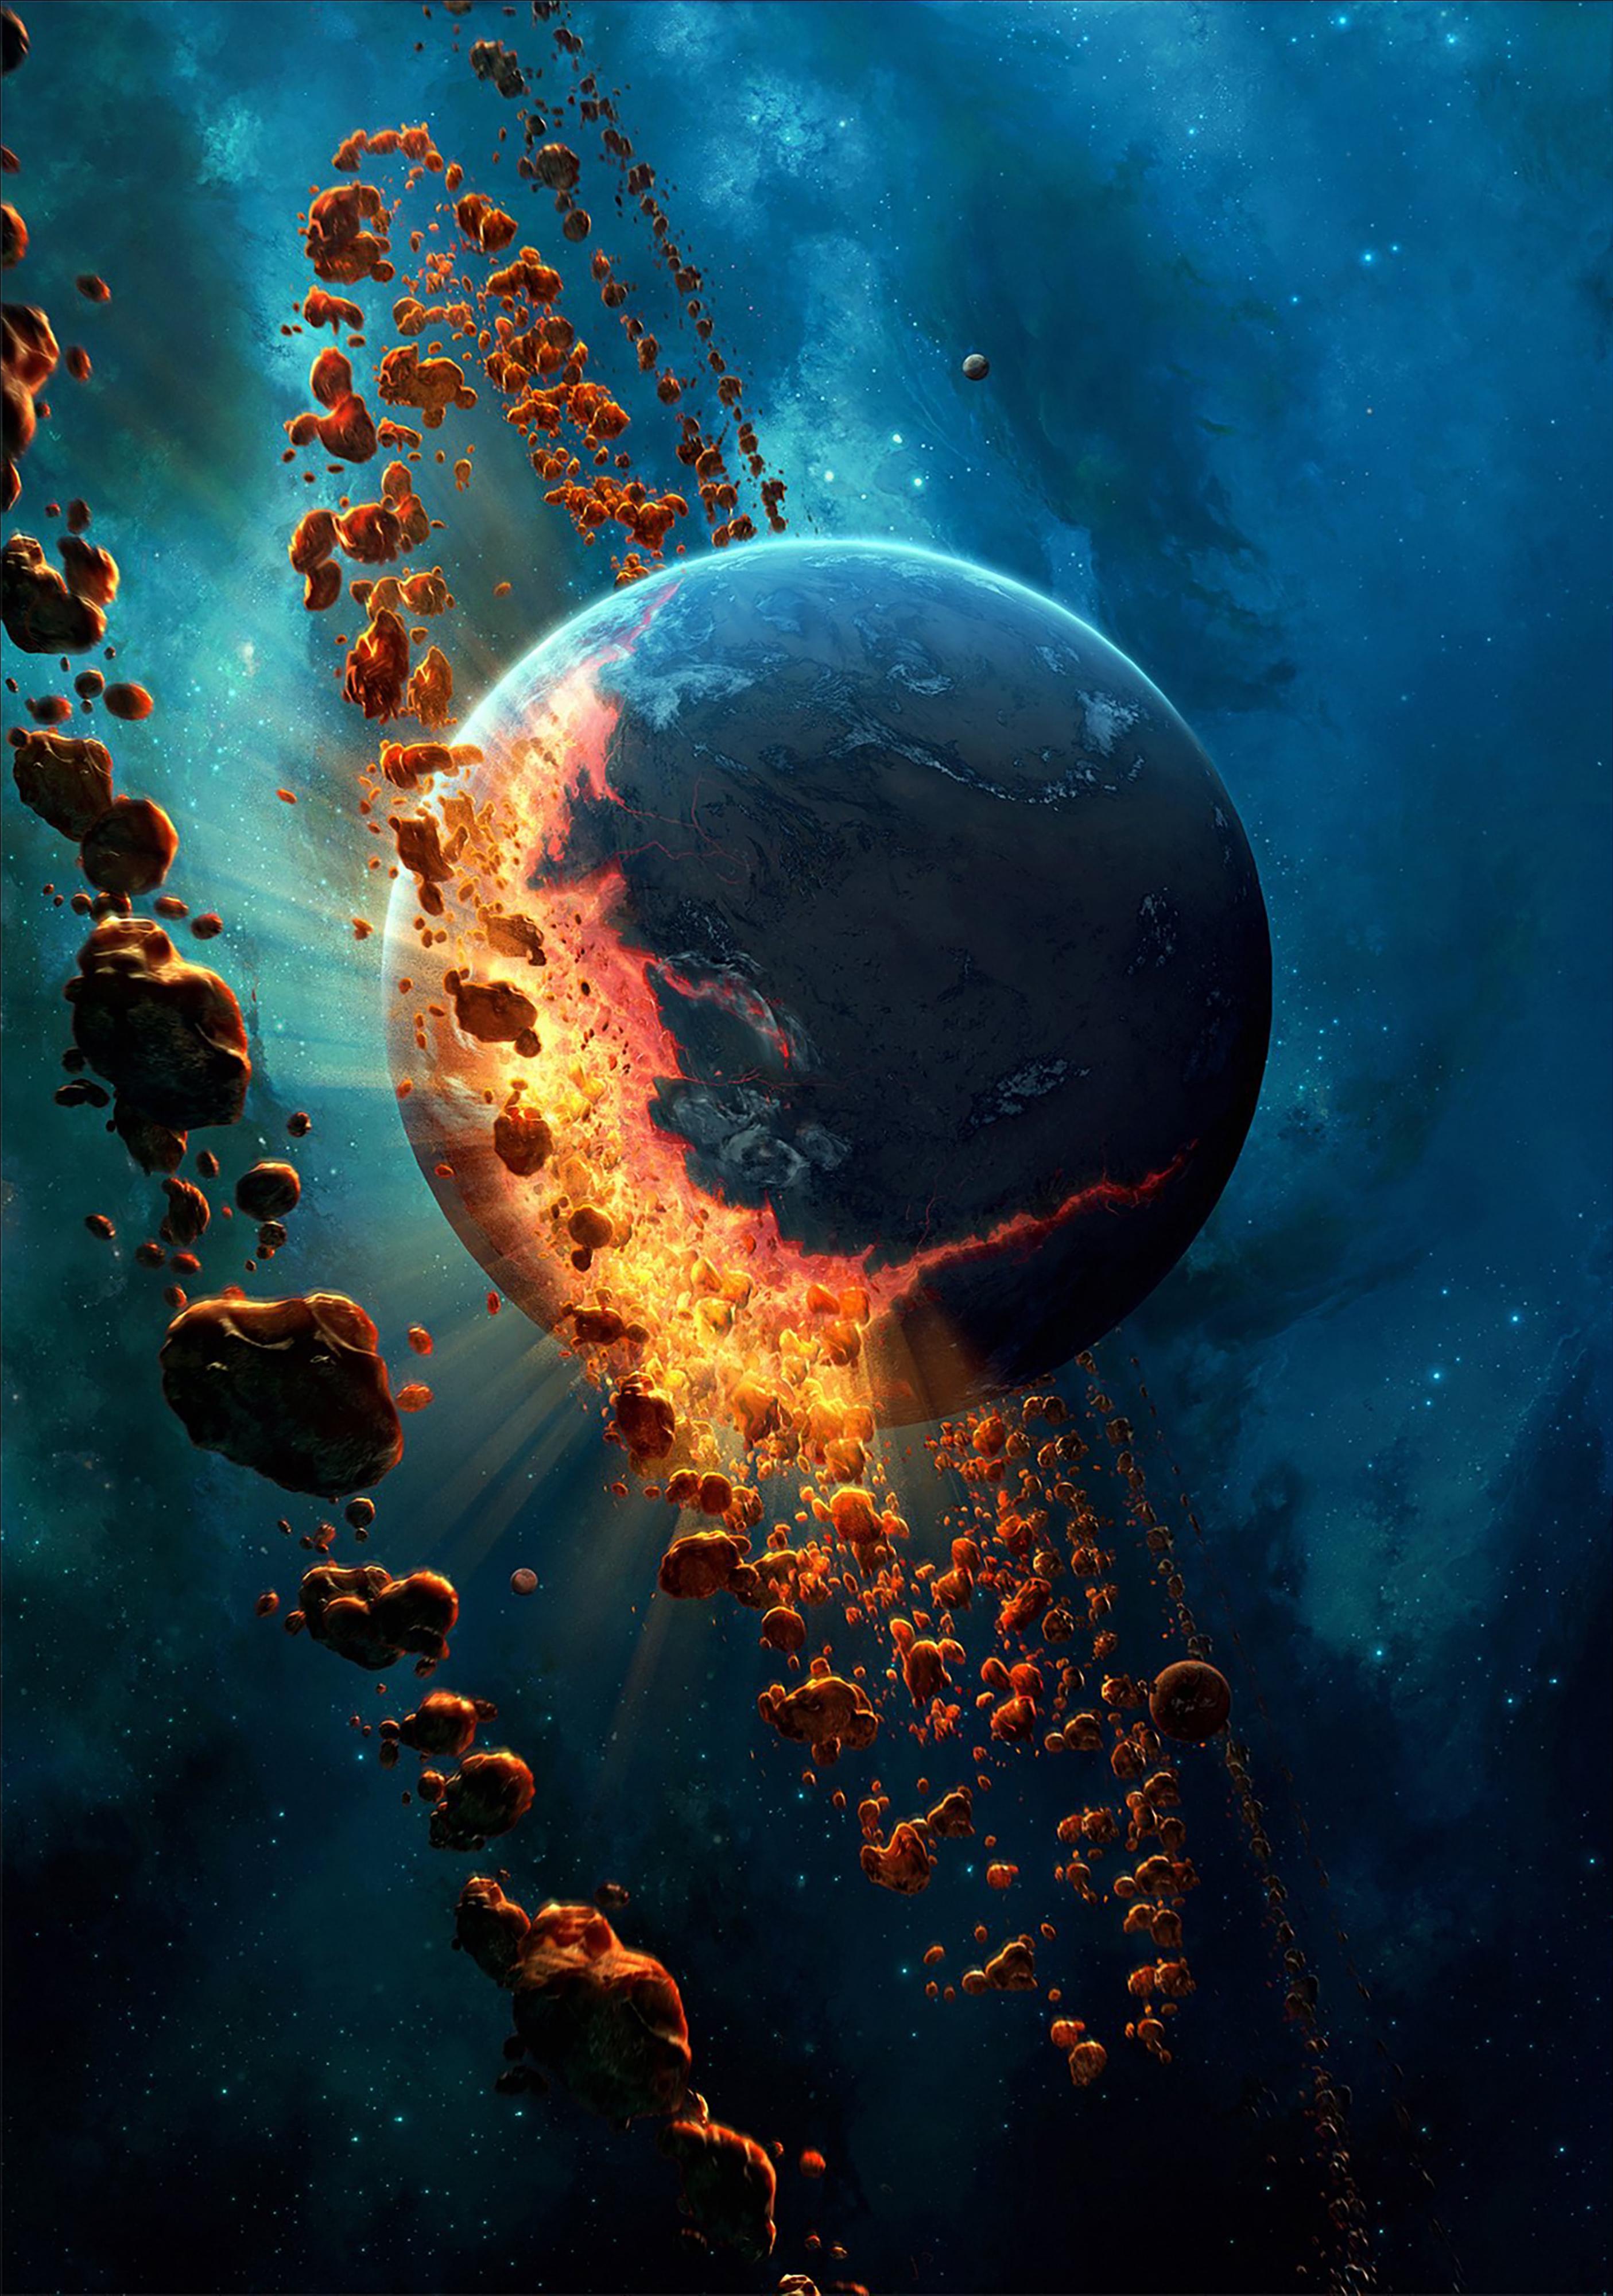 110595 скачать обои Космос, Планета, Астероиды, Гравитация - заставки и картинки бесплатно